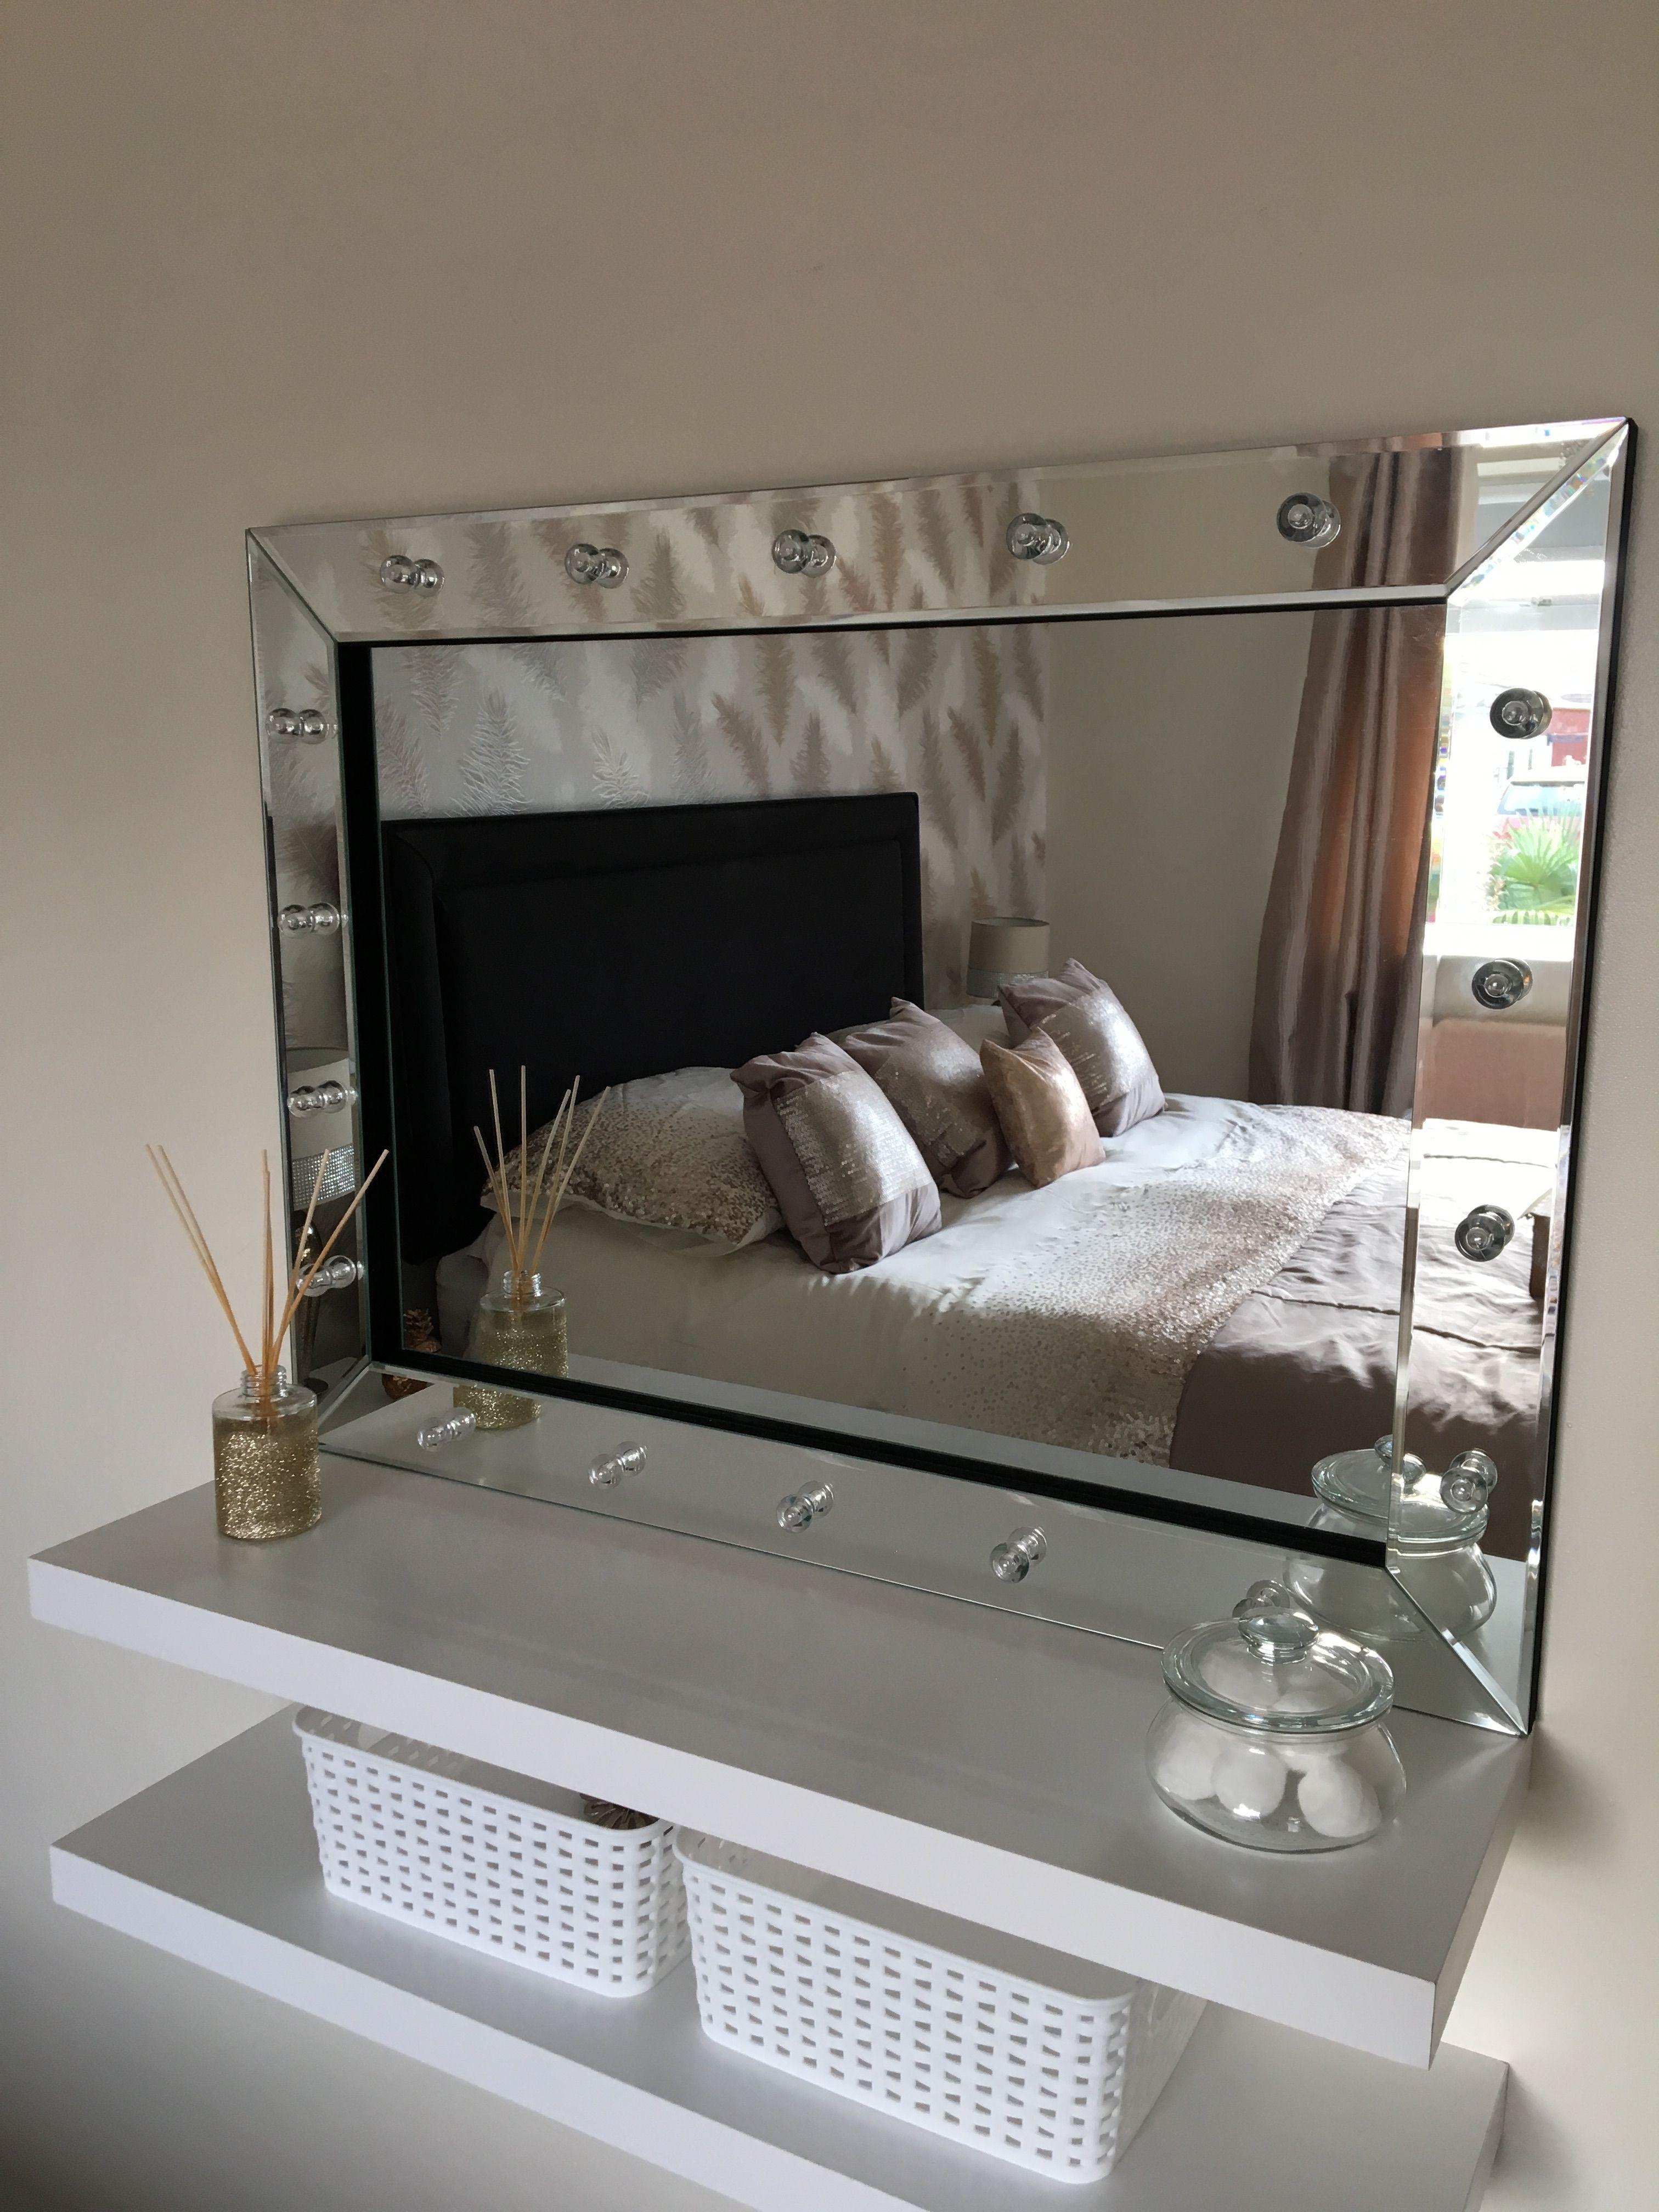 Shelves dressing table mirror vanity dresser mirror shelves